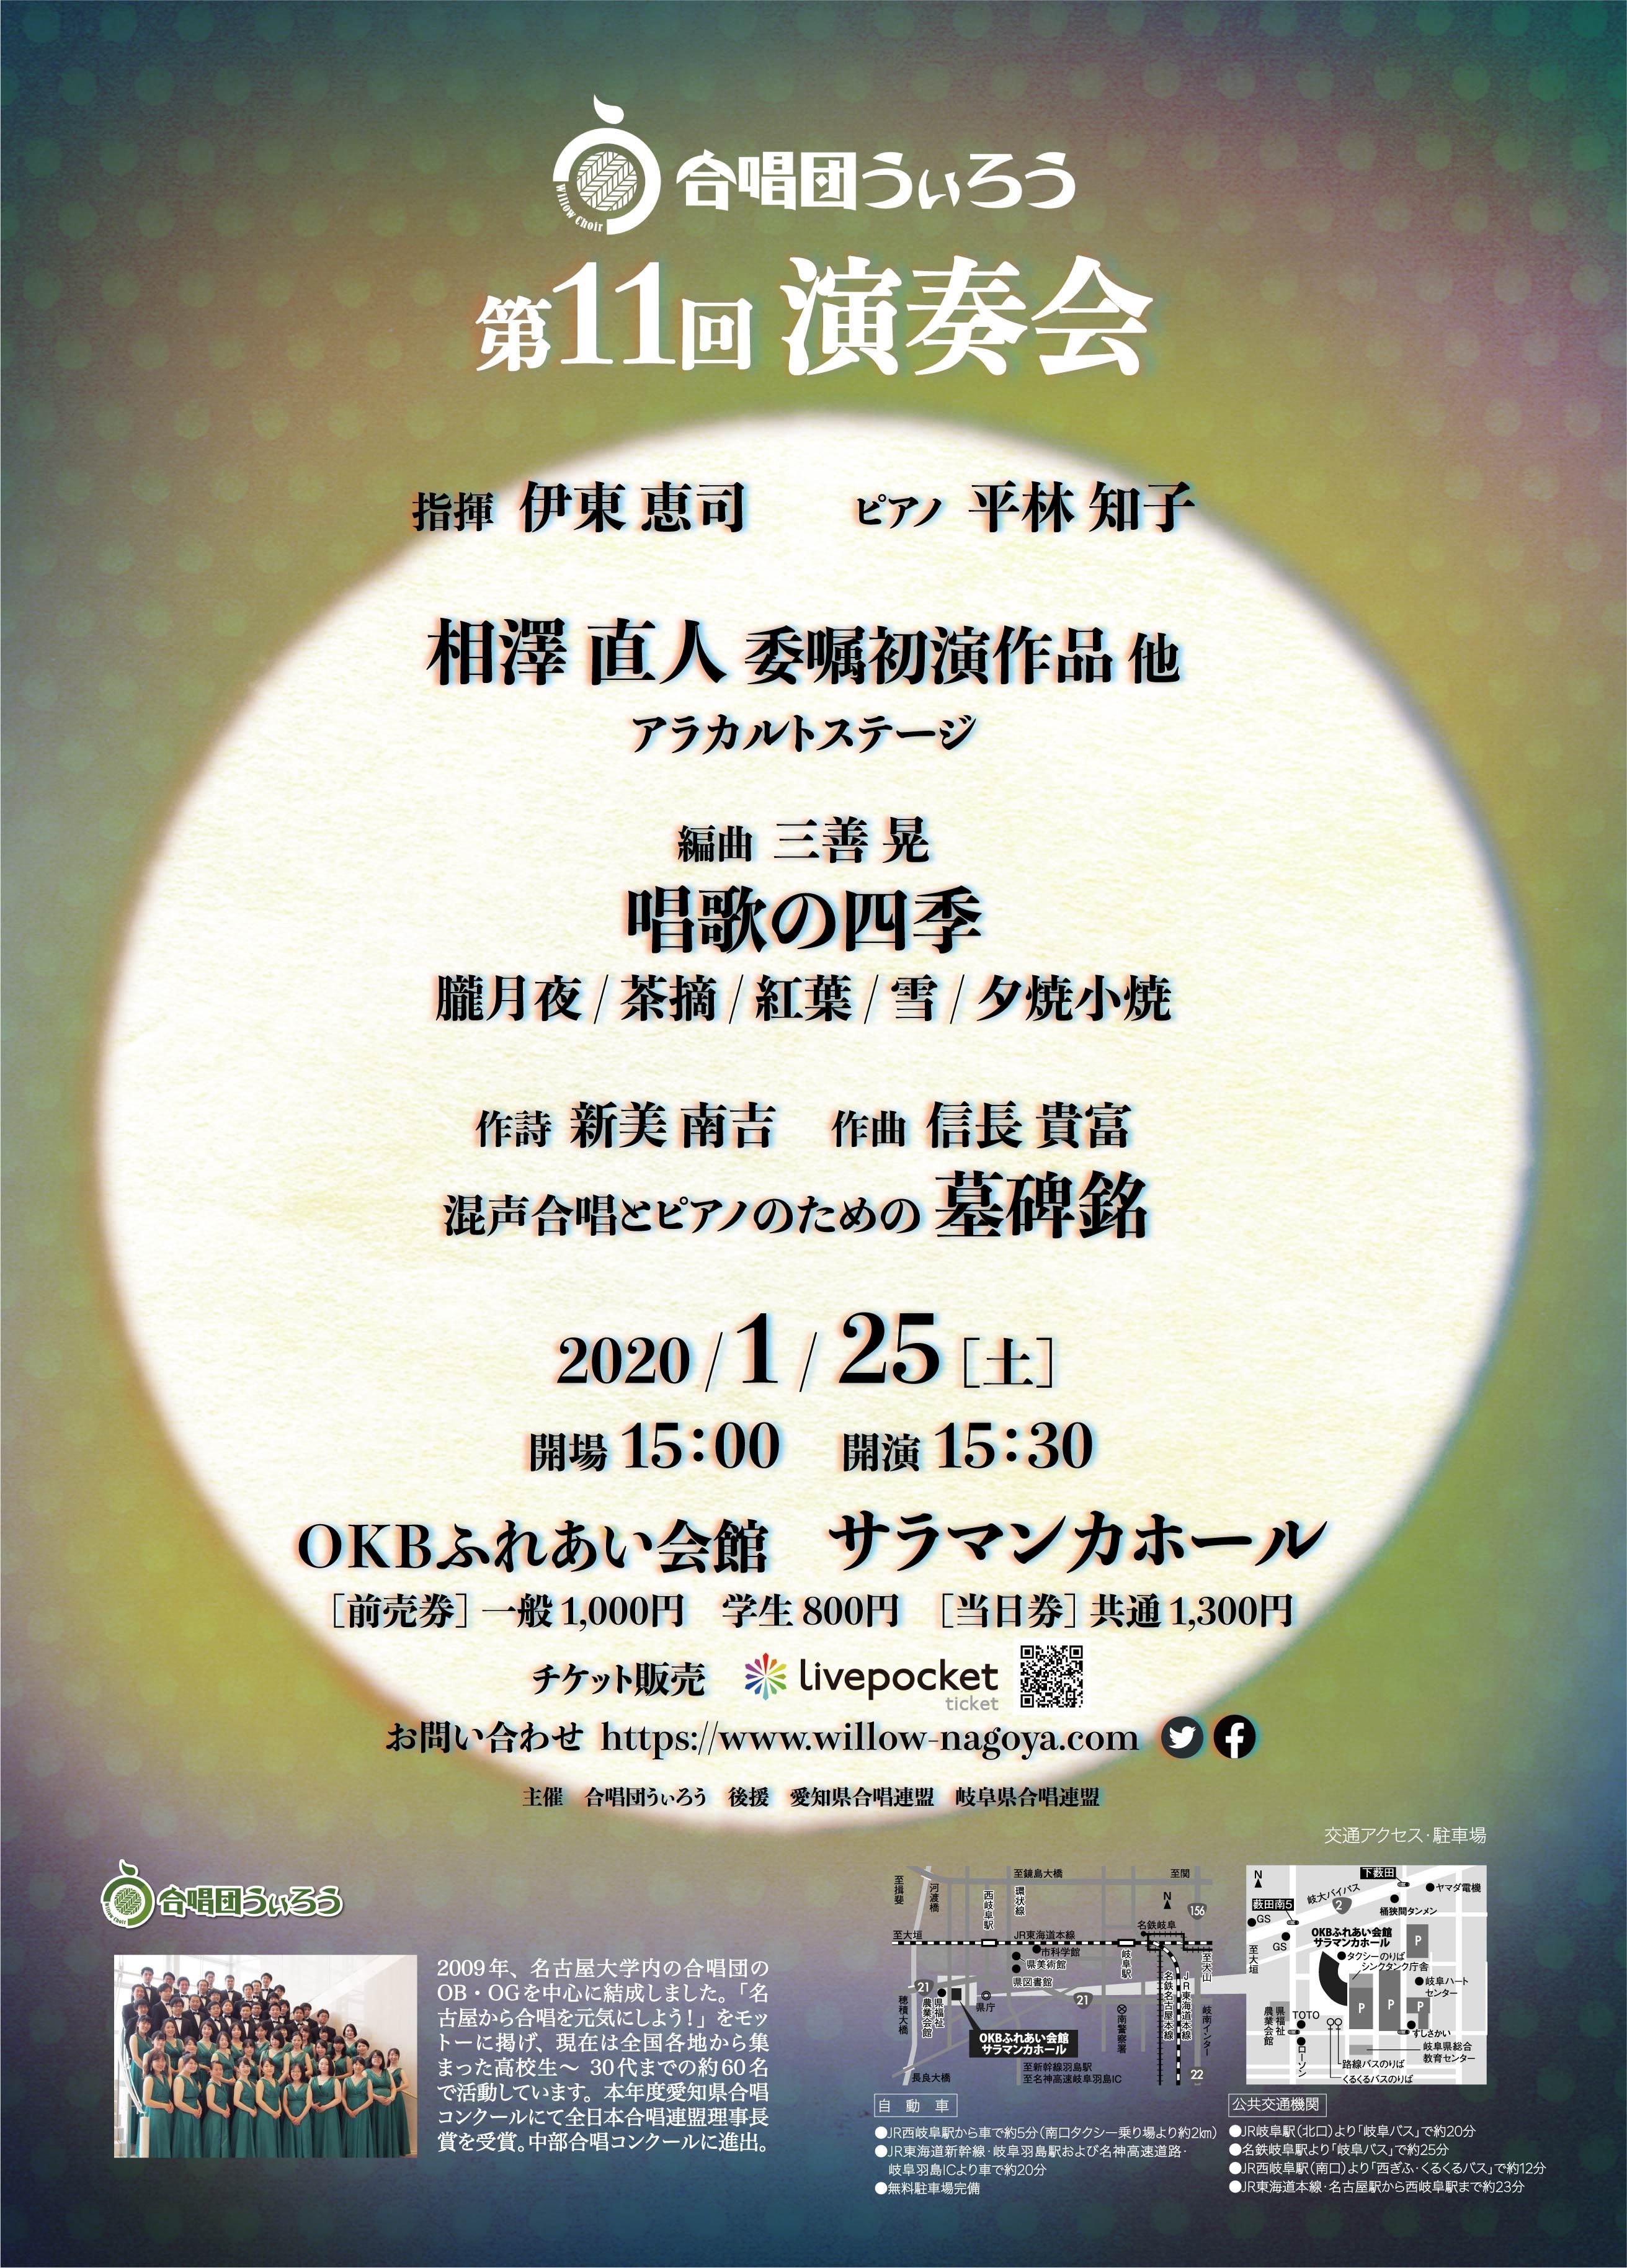 合唱団うぃろう 第11回演奏会